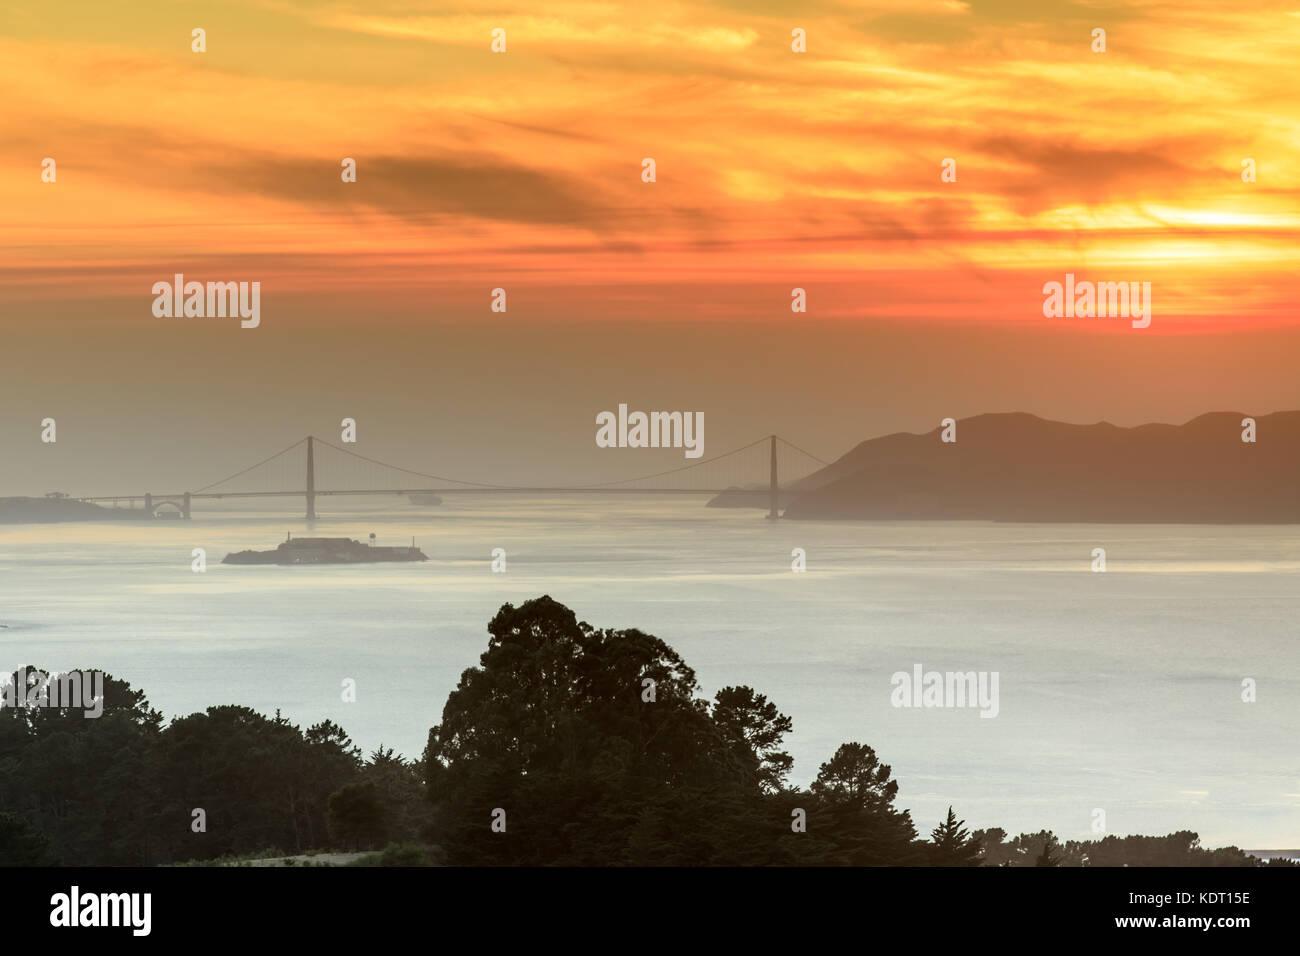 Fiery smoky coucher de soleil sur le golden gate bridge. Photo Stock